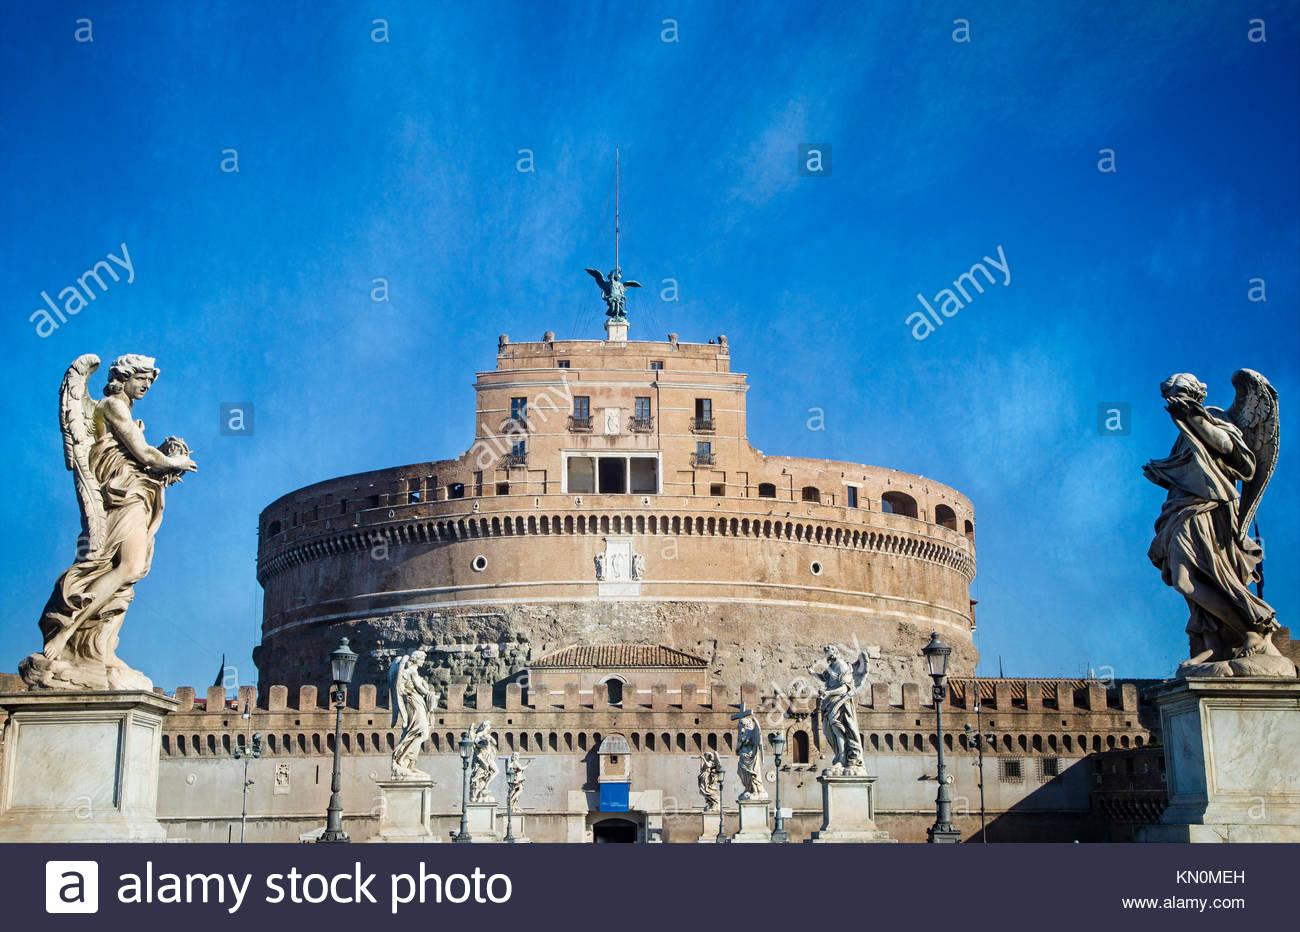 Le Château Sant'Angelo à Rome, l'Italie est le Mausolée d'Hadrien qui fut achevée en 139 AD. Banque D'Images